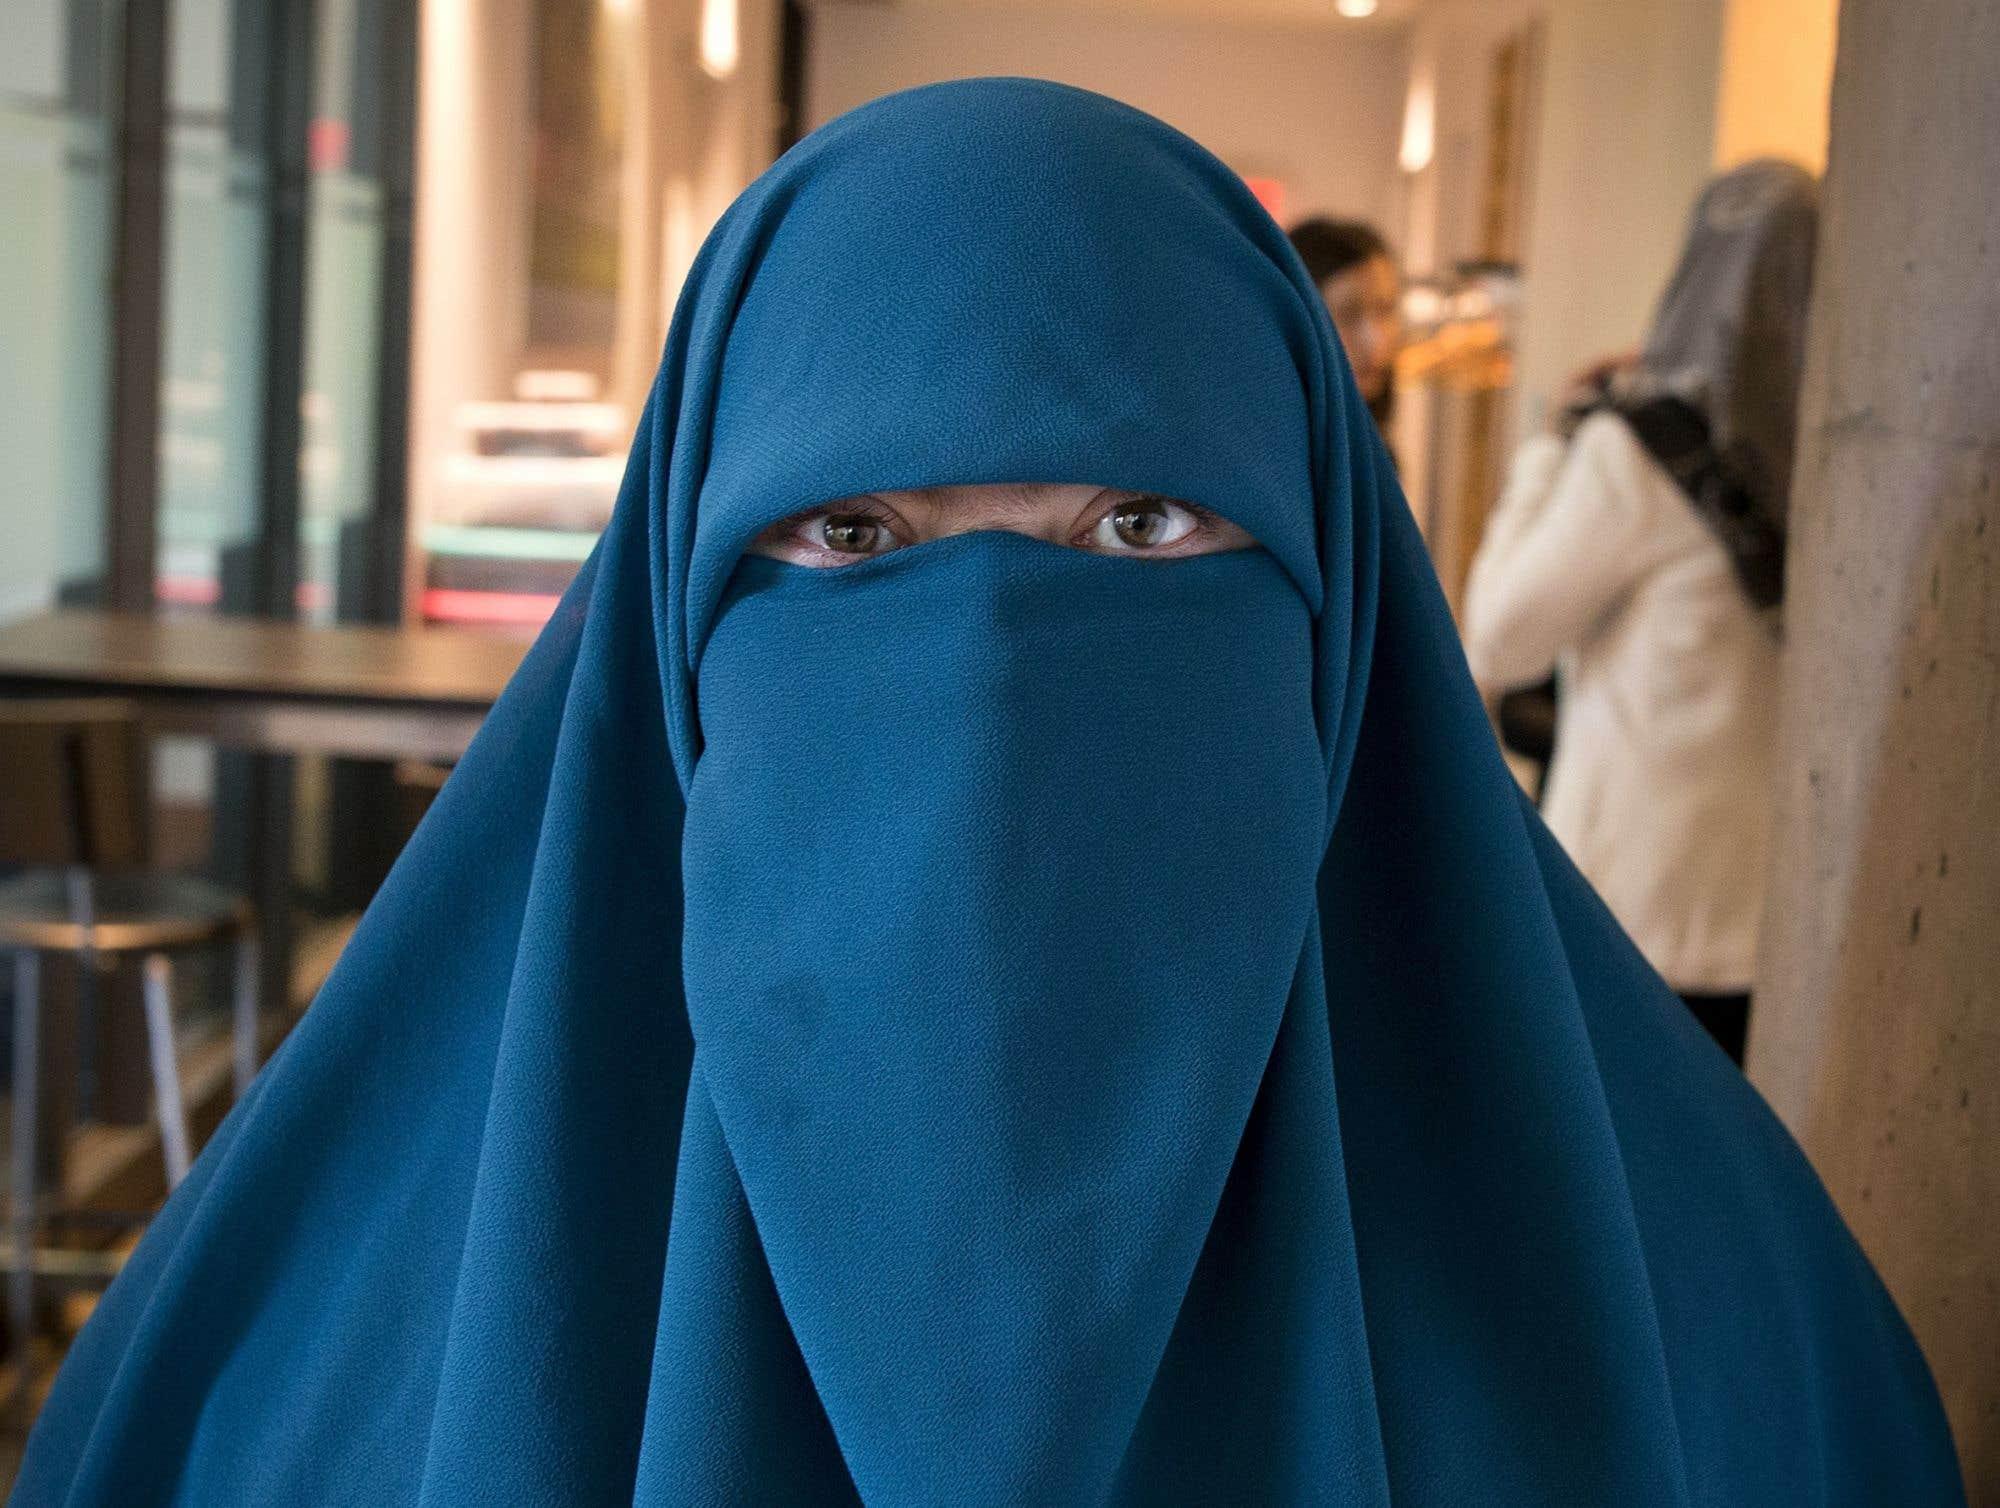 Moins de trois semaines après son adoption, la loi québécoise sur la neutralité religieuse de l'État a été contestée juridiquement mardi. Le Conseil national des musulmans, l'Association canadienne des libertés civiles et la citoyenne Marie-Michelle Lacoste ont été les premiers à déposer une contestation en Cour supérieure, considérant que la loi portait « gravement atteinte à la liberté de religion et au droit à l'égalité de certaines femmes musulmanes du Québec ». La poursuite réclame le sursis provisoire de l'article 10 de la loi jusqu'à ce que l'affaire soit entendue.